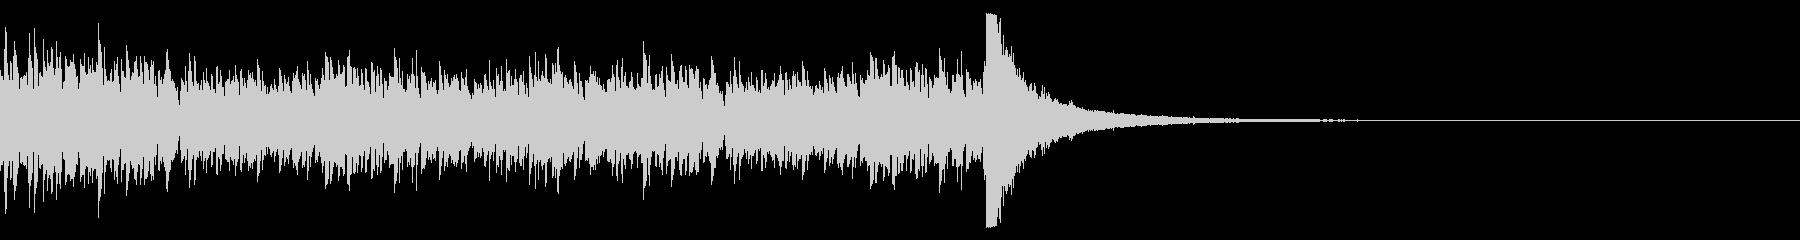 ドラムロール(19秒)の未再生の波形